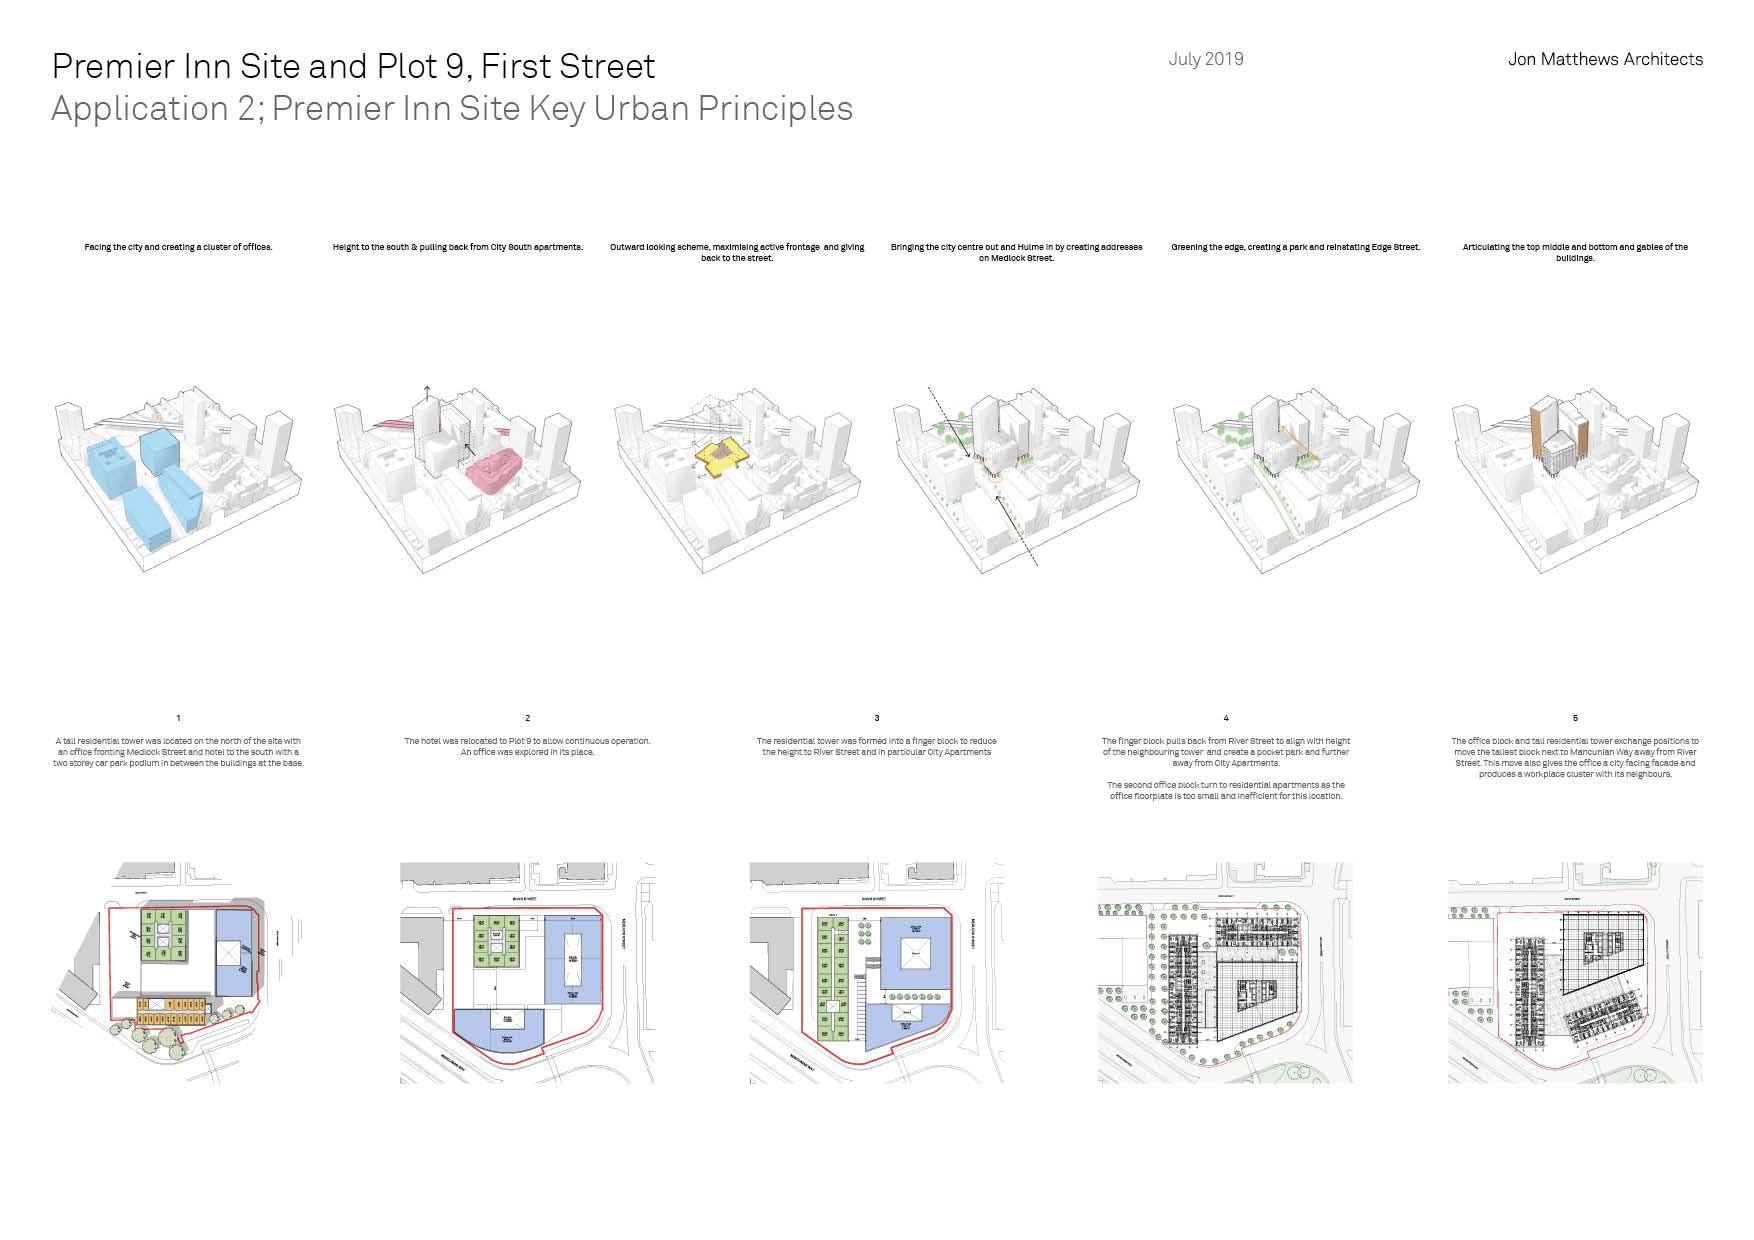 first_street_premier_inn_plot_9_10.jpg